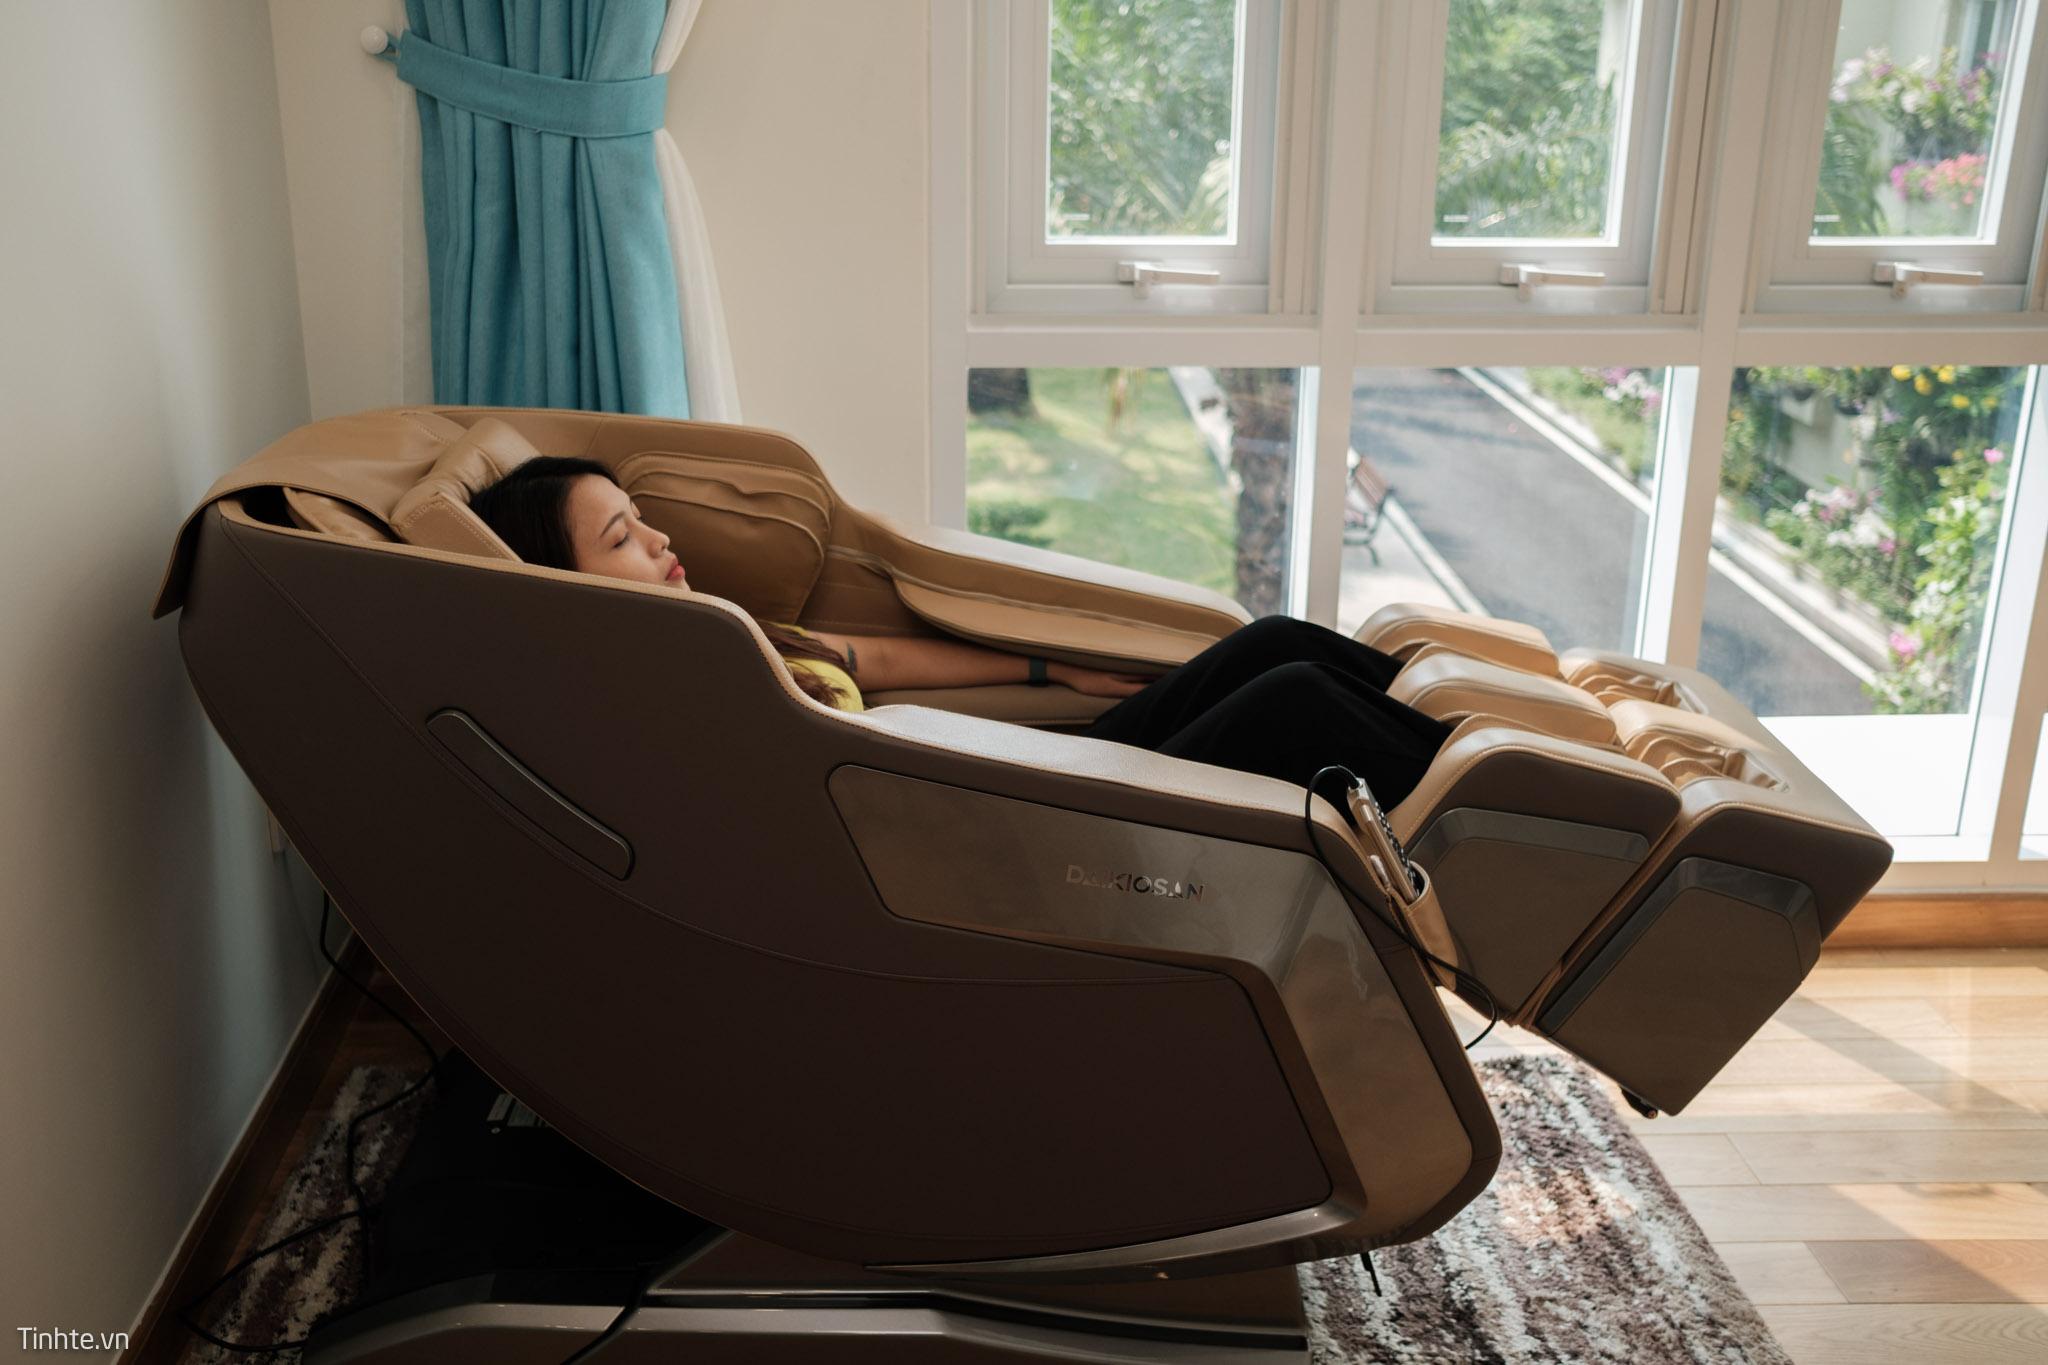 Ghế massage giúp giảm đau và nhức mỏi cơ bắp.